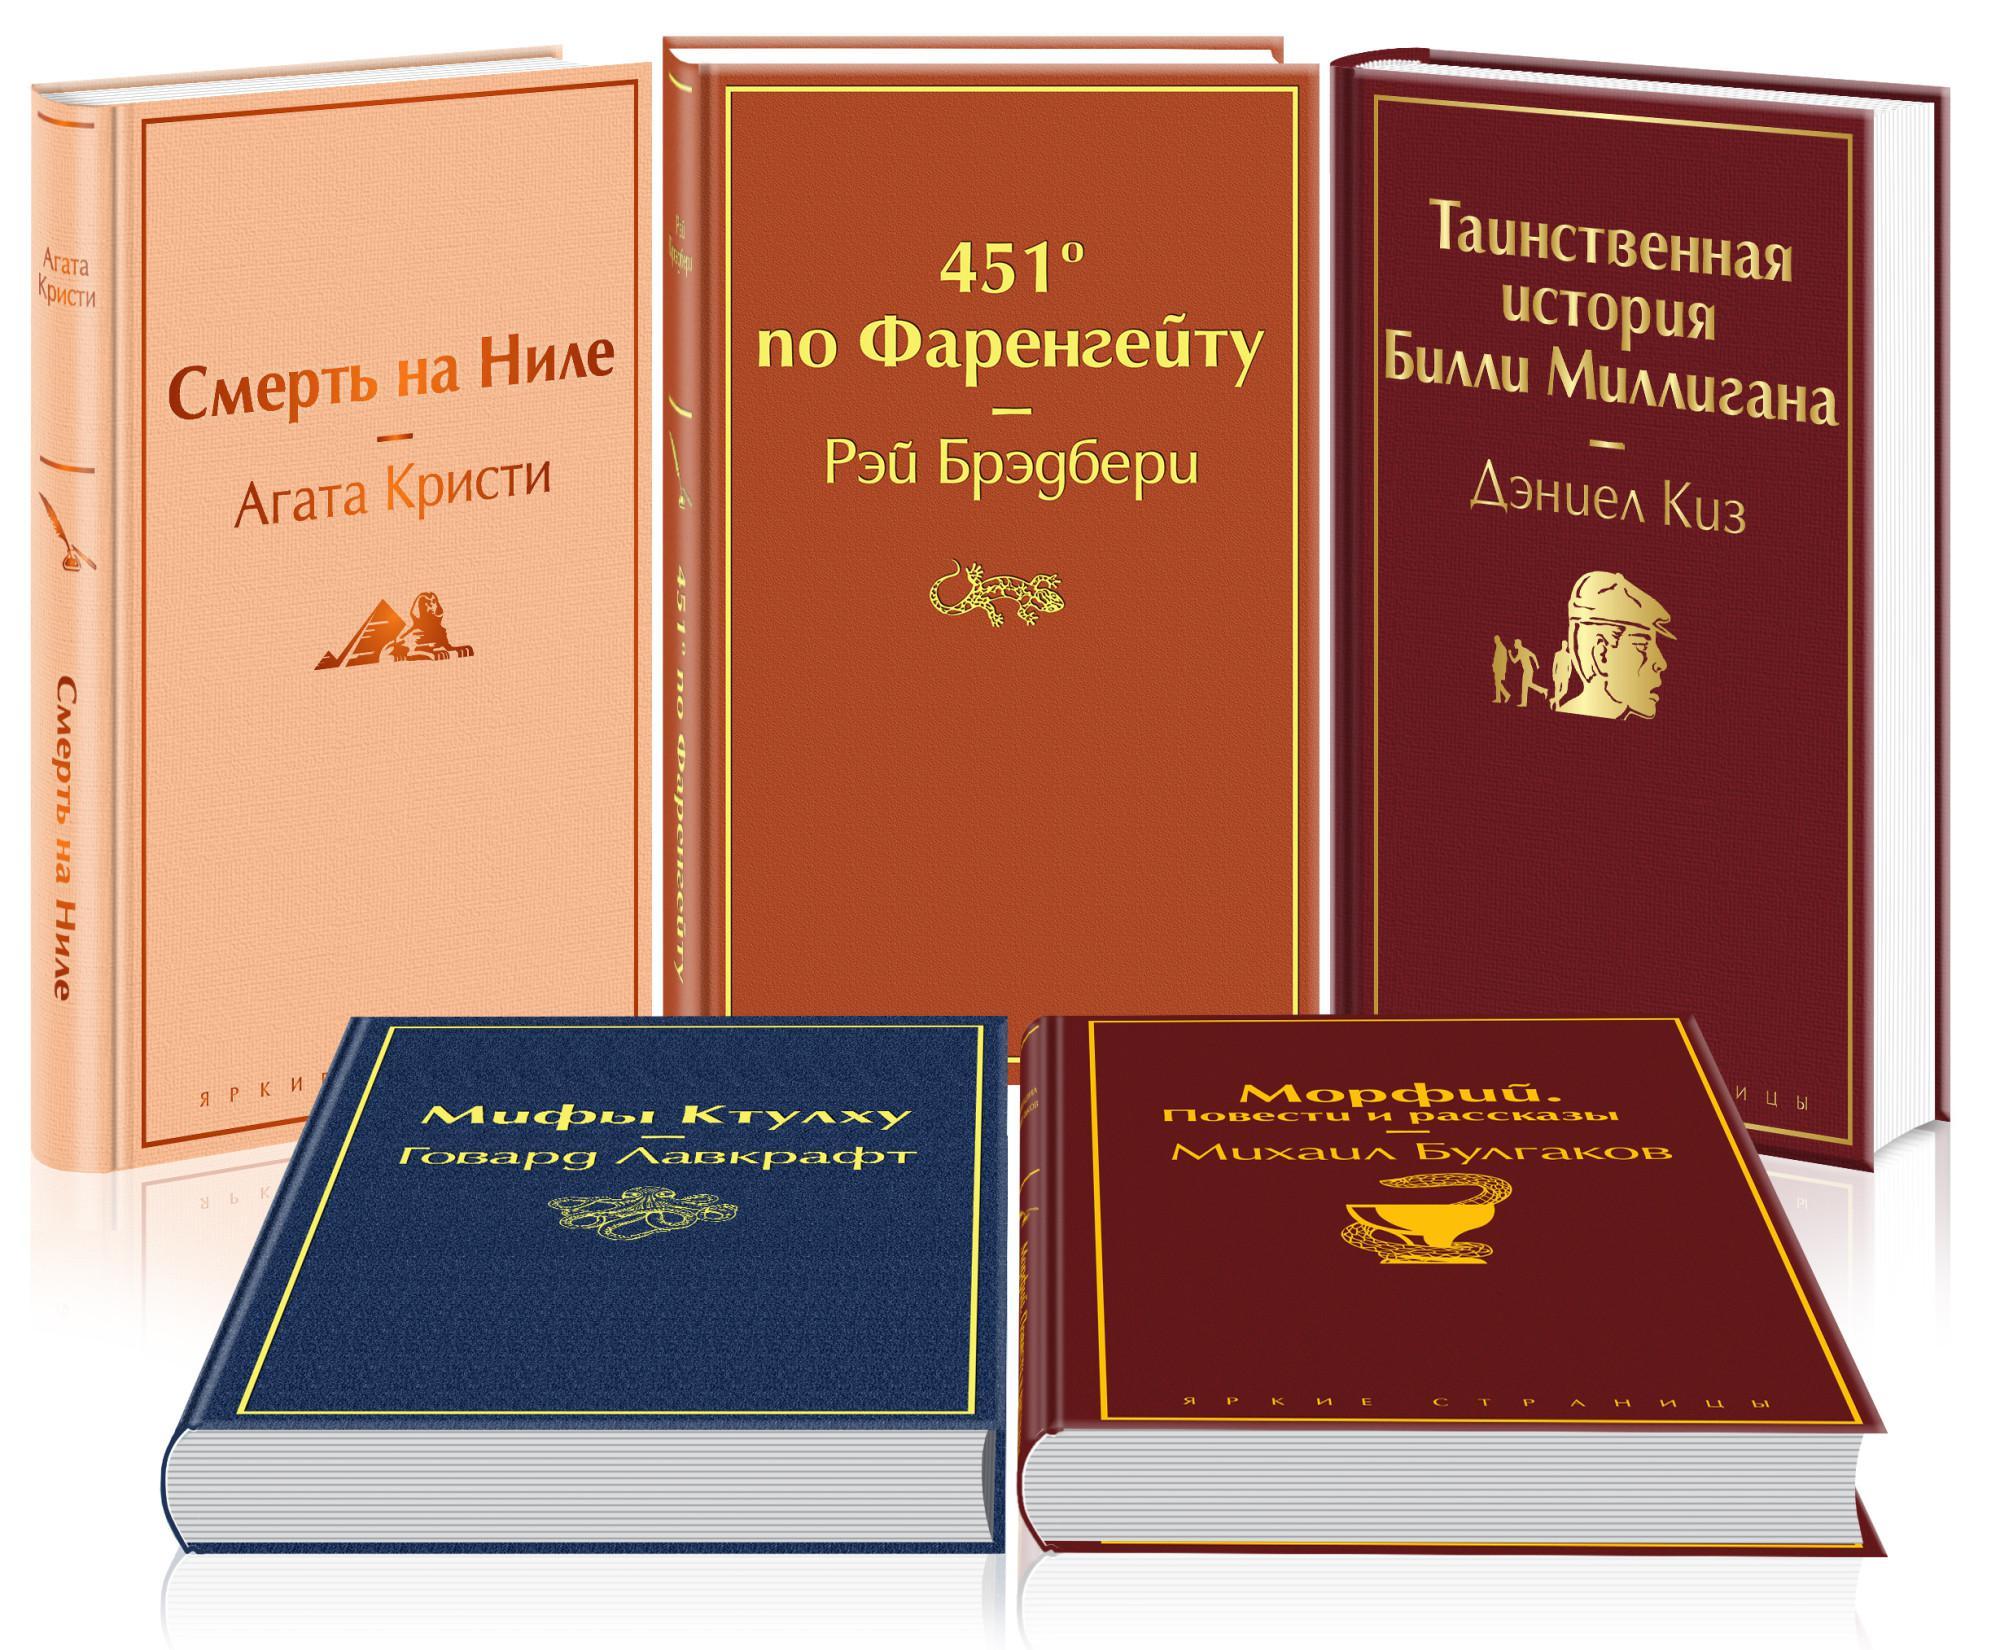 Кейс настоящего мужчины 1 (комплект из 5 книг: Смерть на Ниле, 451' по Фаренгейту, Таинственная история Билли Миллигана и др.)